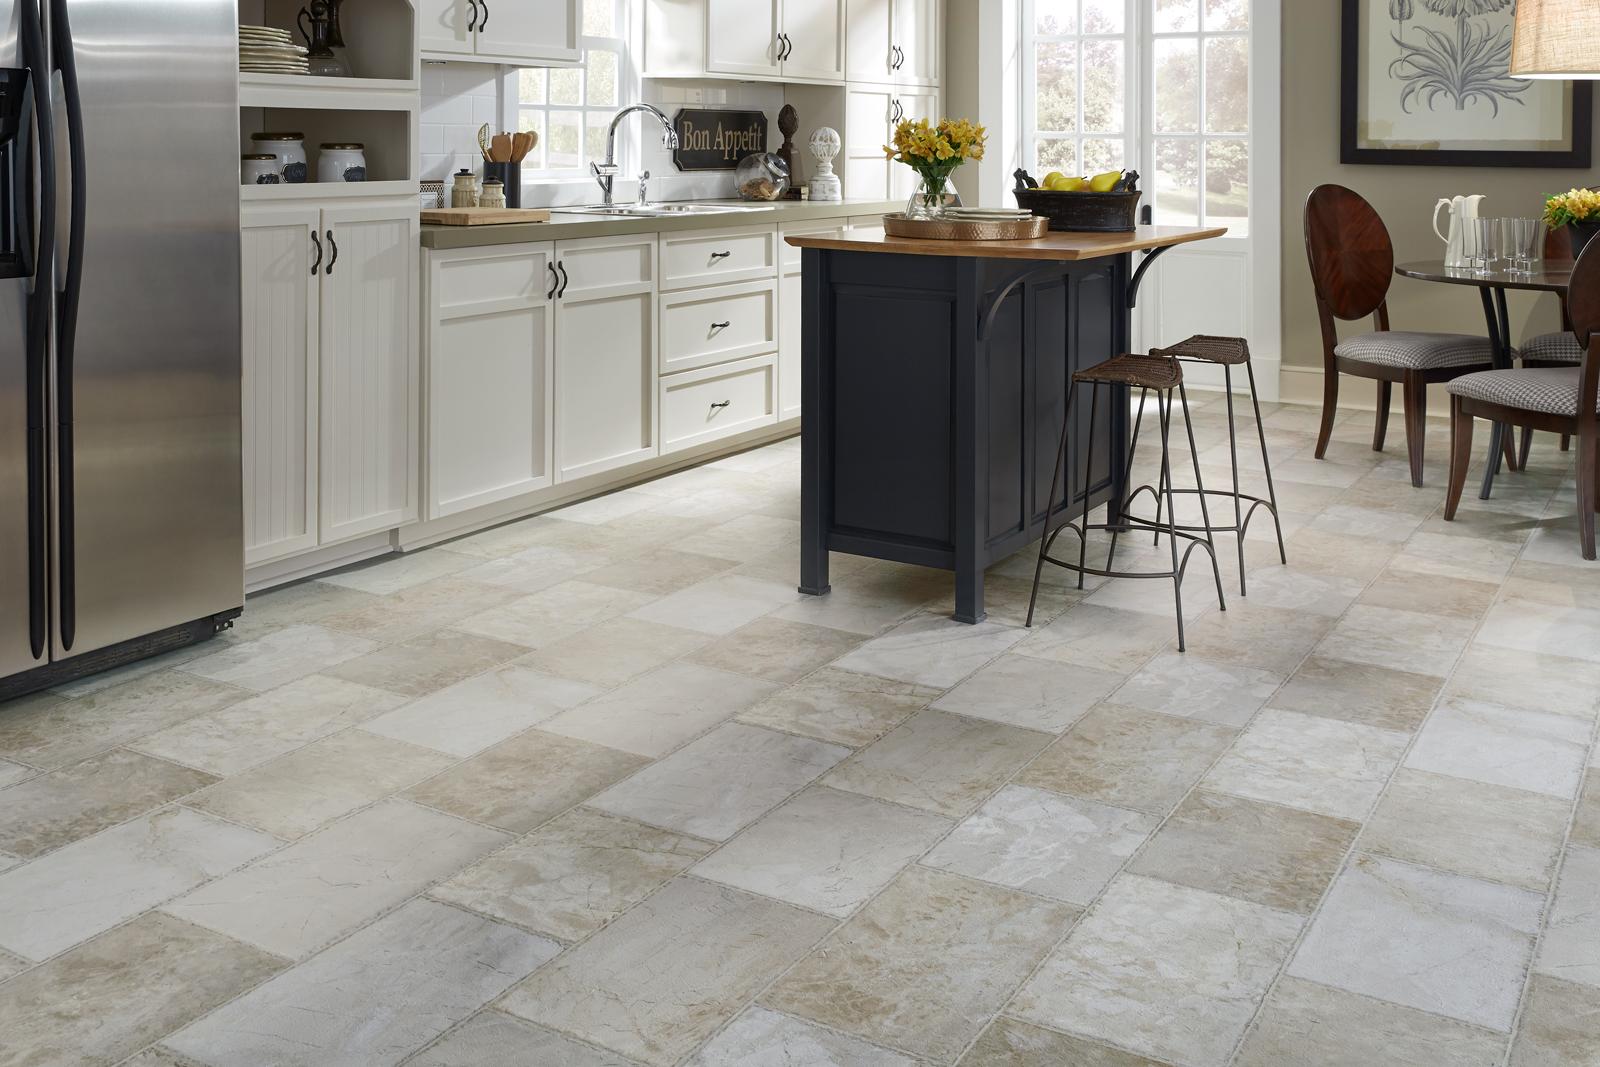 Quartz Kitchen Countertops | Durable Kitchen Flooring | Glazed ...